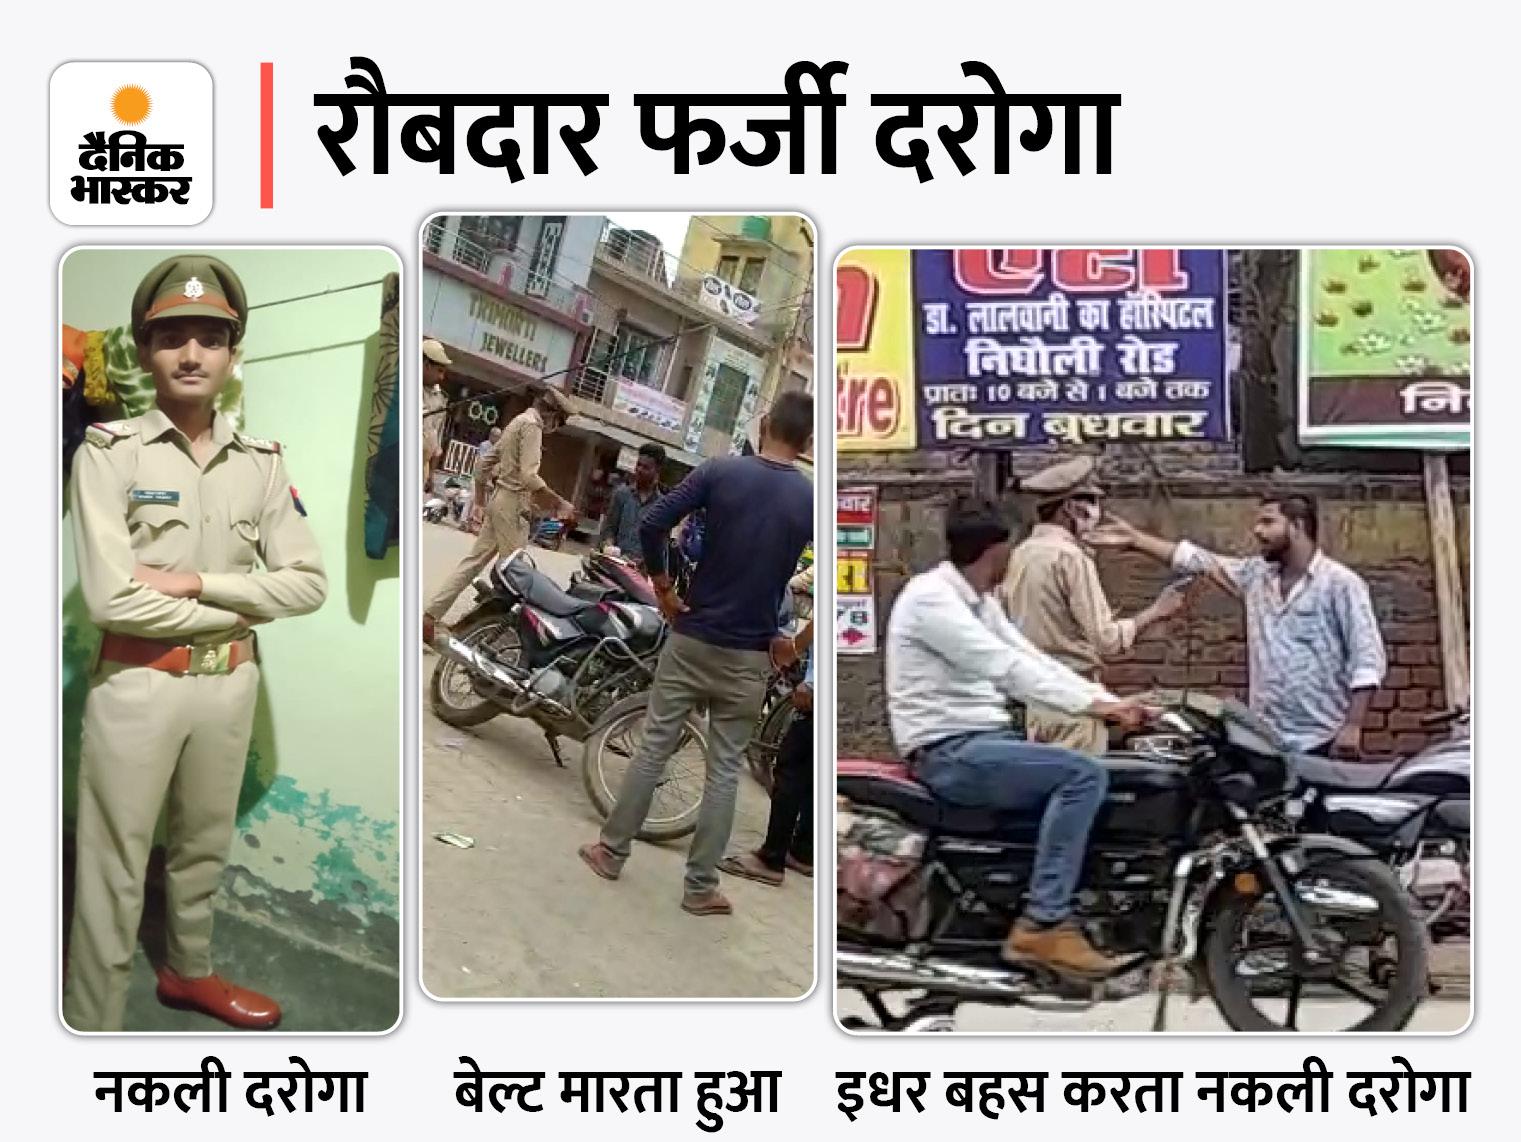 अलीगढ़ के पुलिसकर्मी से ली ट्रेनिंग, चेकिंग के नाम पर बेल्ट से लोगों को पीटा; गाड़ी-दुकानवालों से करता था वसूली|एटा,Etah - Dainik Bhaskar